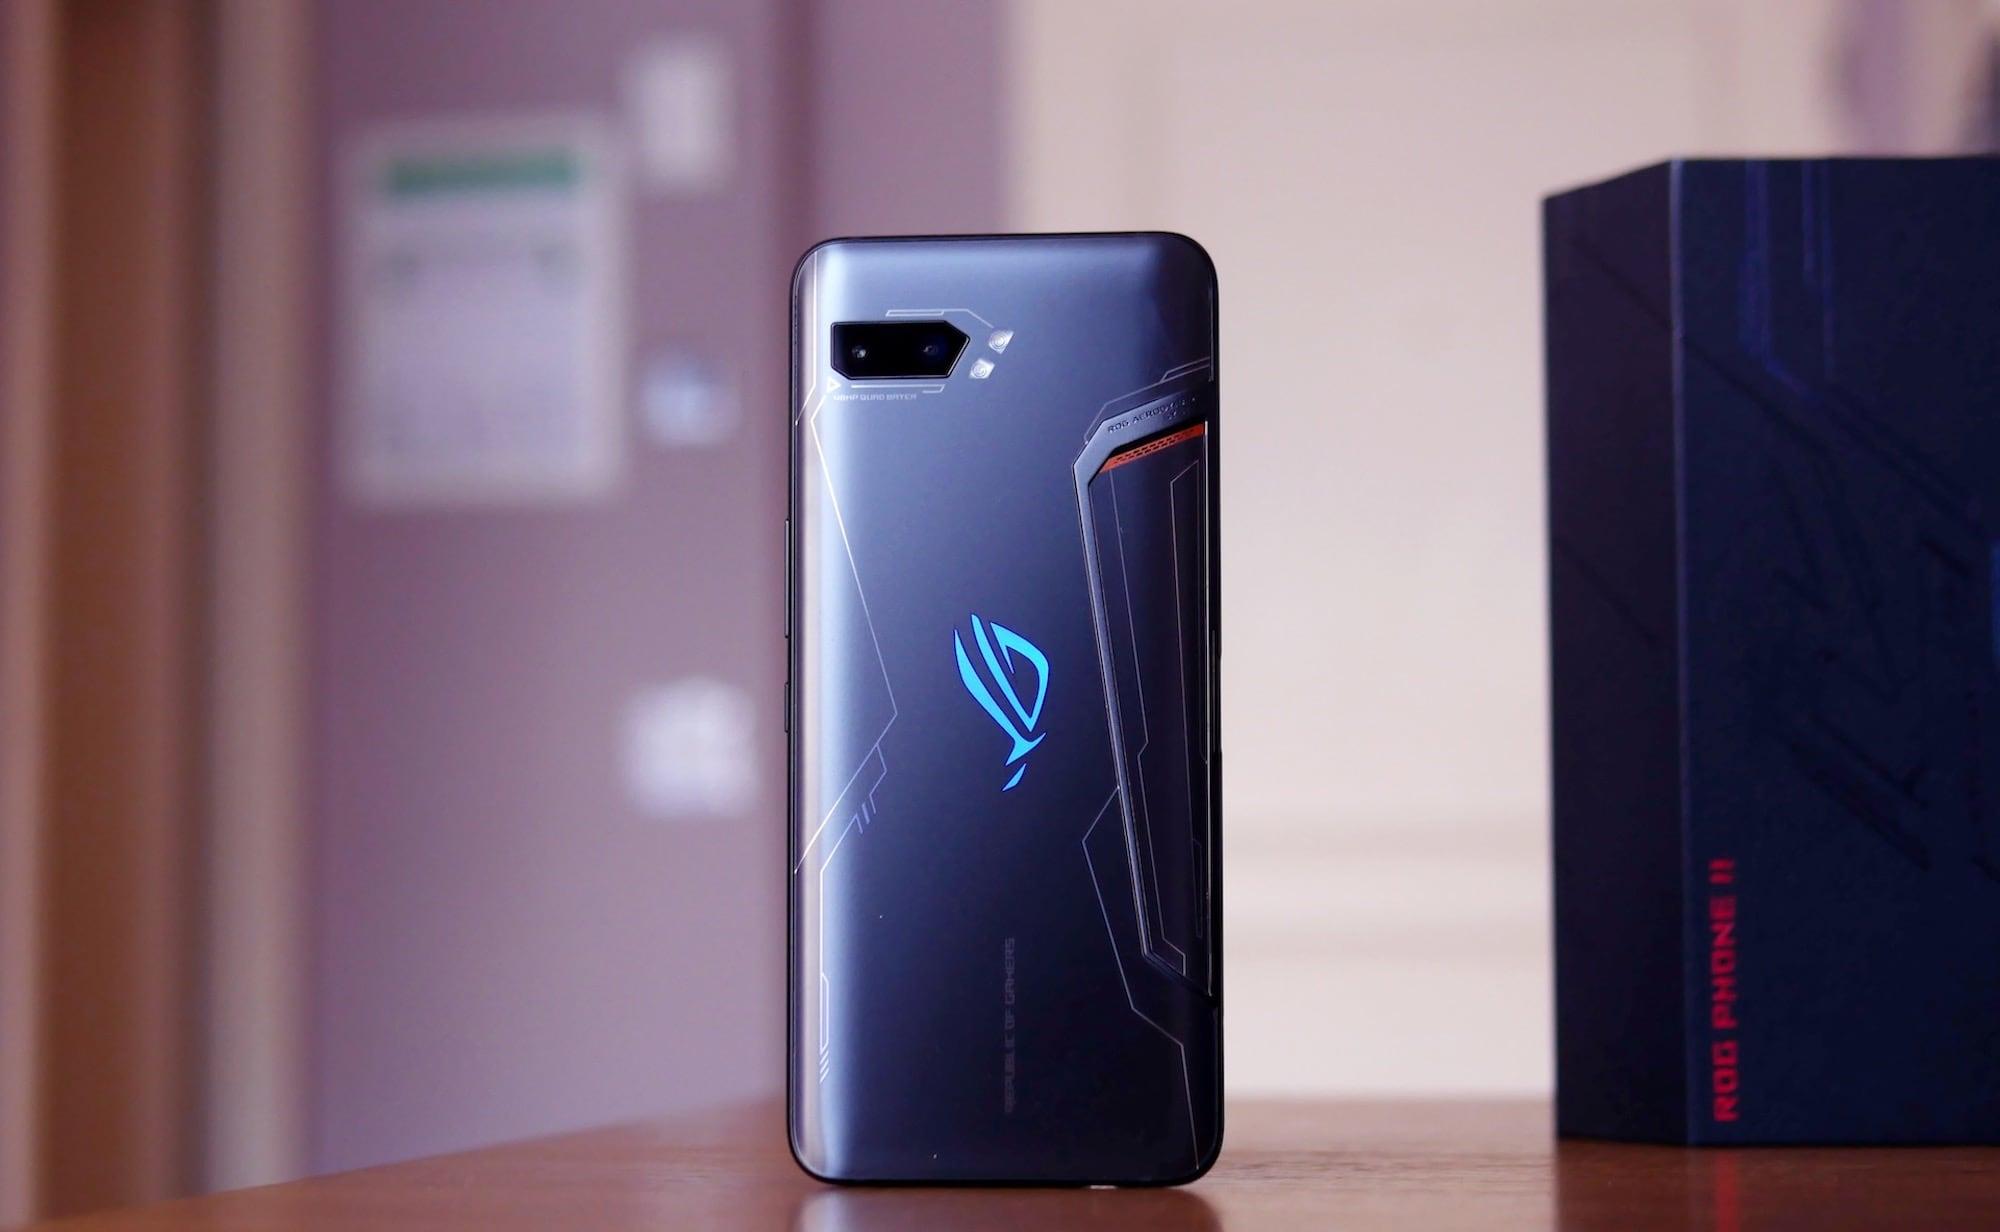 Игровой смартфон ASUS ROG Phone 2 Ultimate Edition представлен официально - изображение